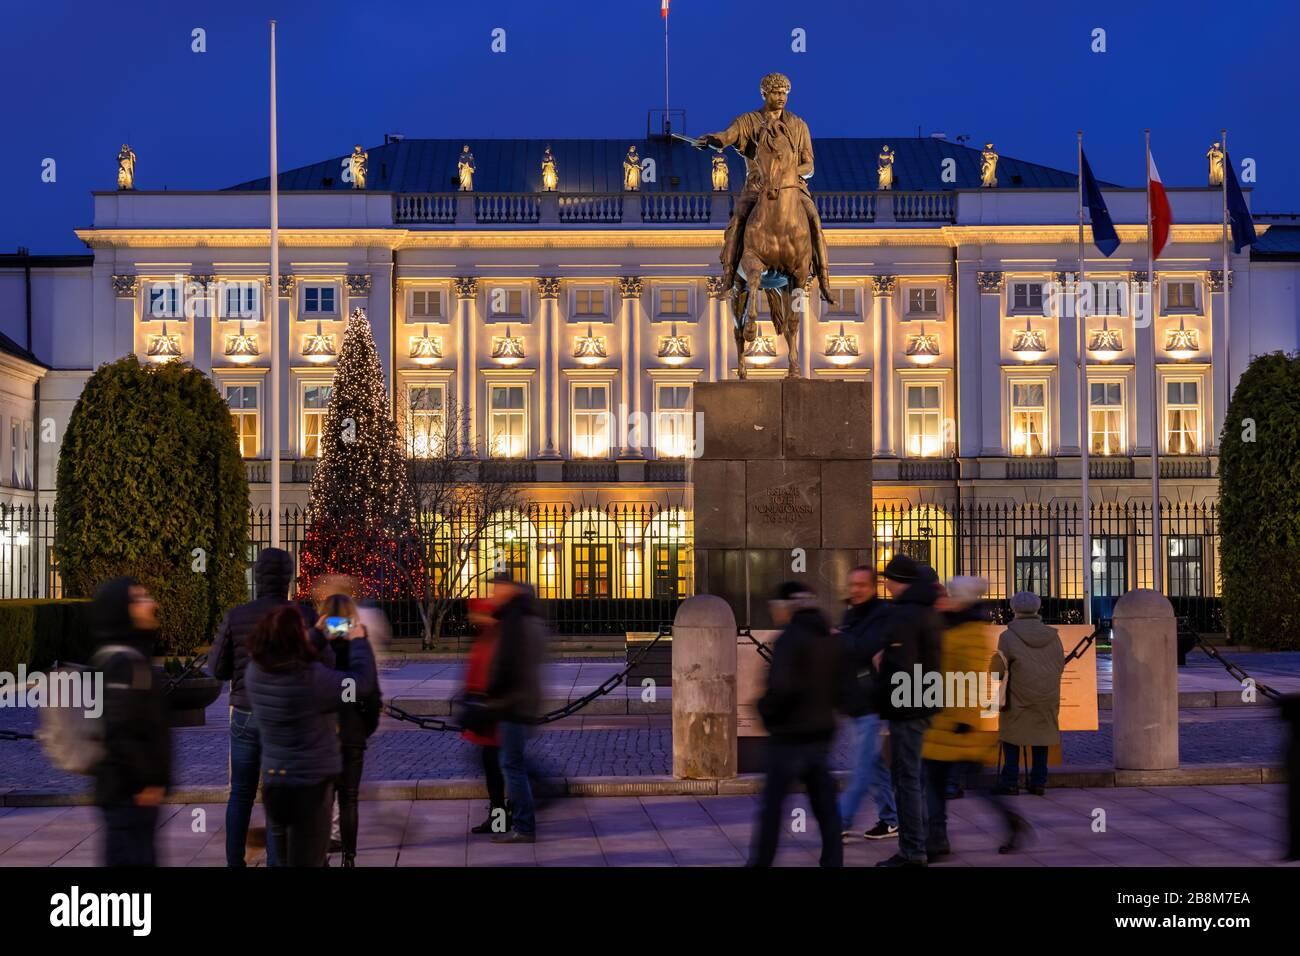 Varsovia, Polonia - 27 de diciembre de 2019: La gente en el Palacio Presidencial iluminado por la noche y Monumento al Príncipe Jozef Poniatowski, monumentos de la ciudad Foto de stock